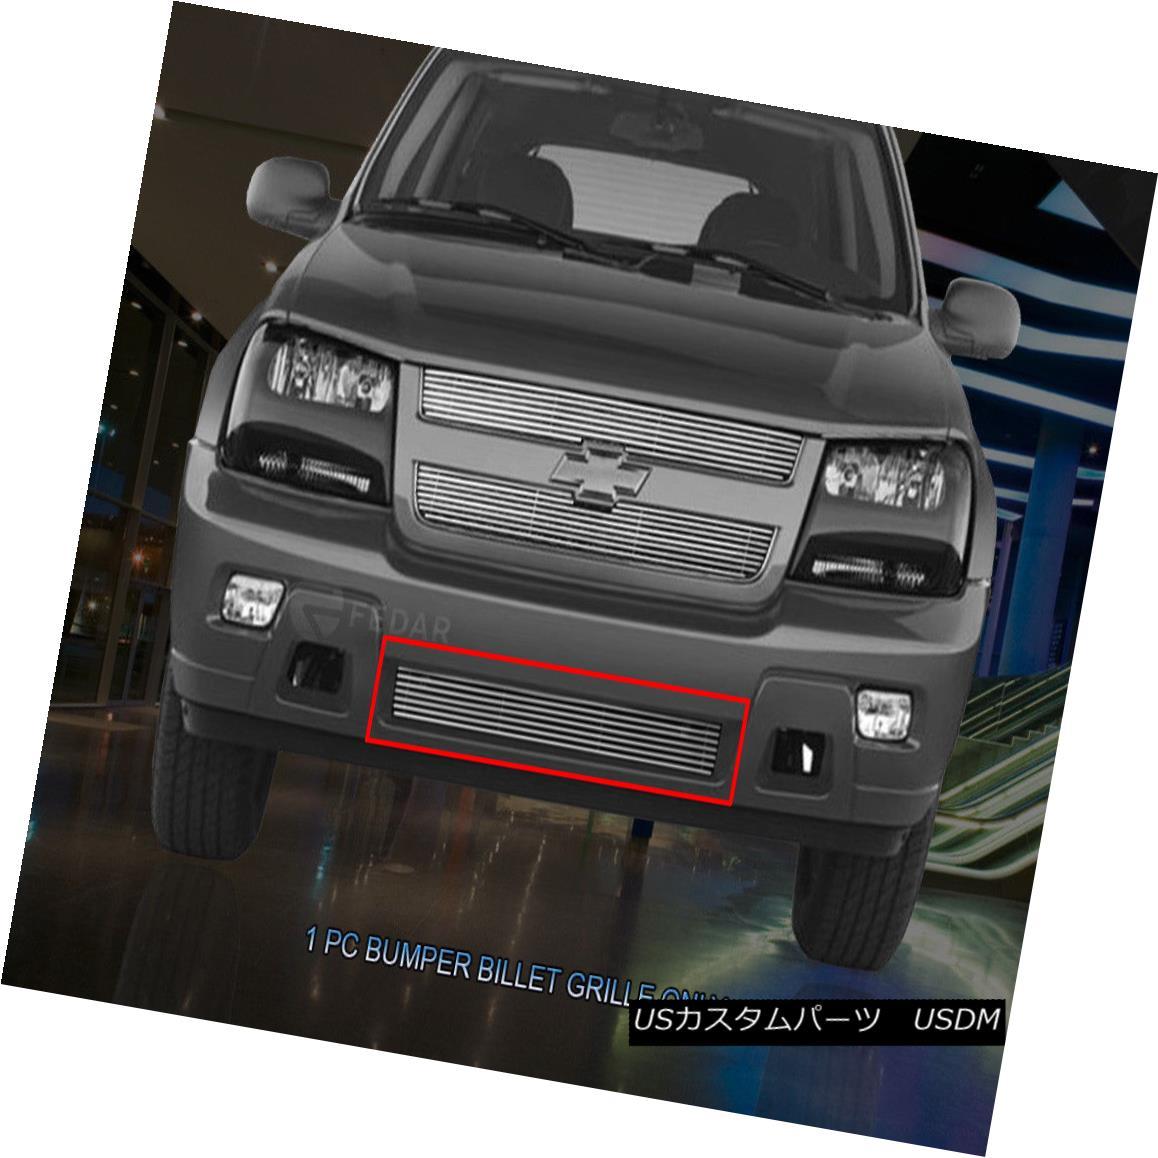 グリル 06-09 Chevy Trailblazer LT Billet Grille Grill Bumper Insert Fedar 06-09 Chevy Trailblazer LTビレットグリルグリルバンパーインサートFedar